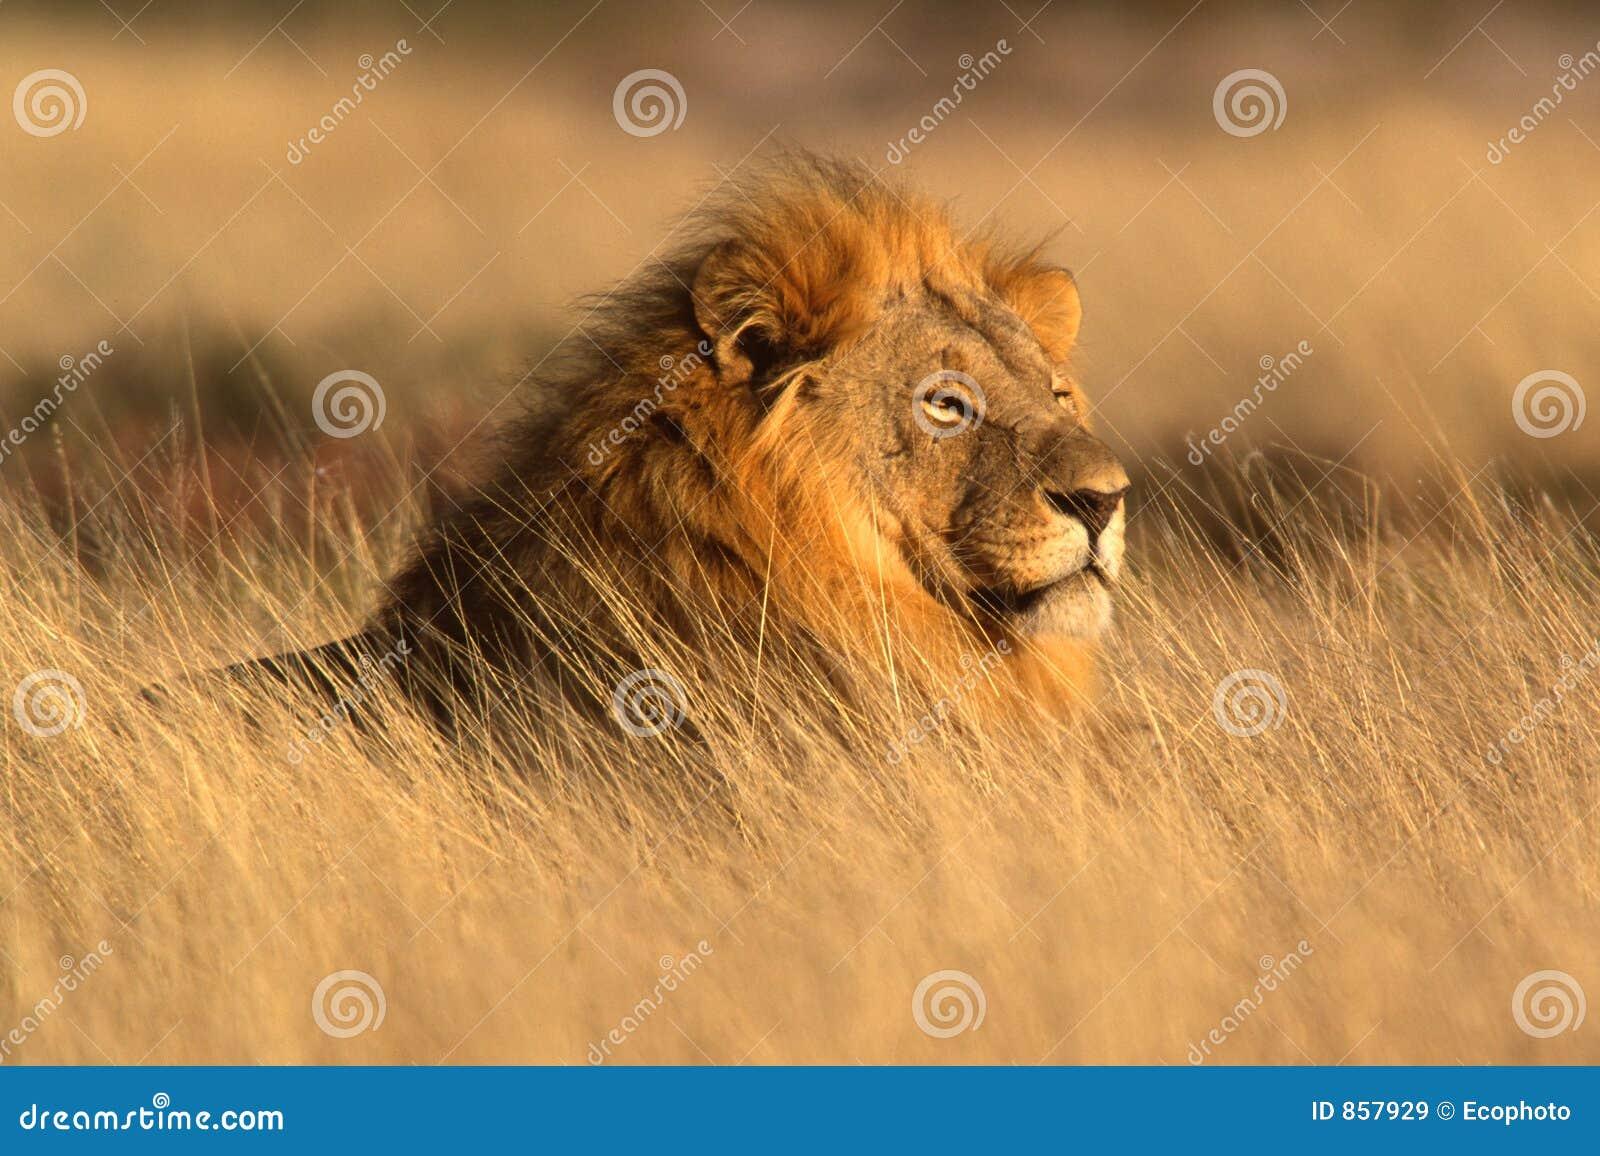 African lion, Etosha Park, Namibia